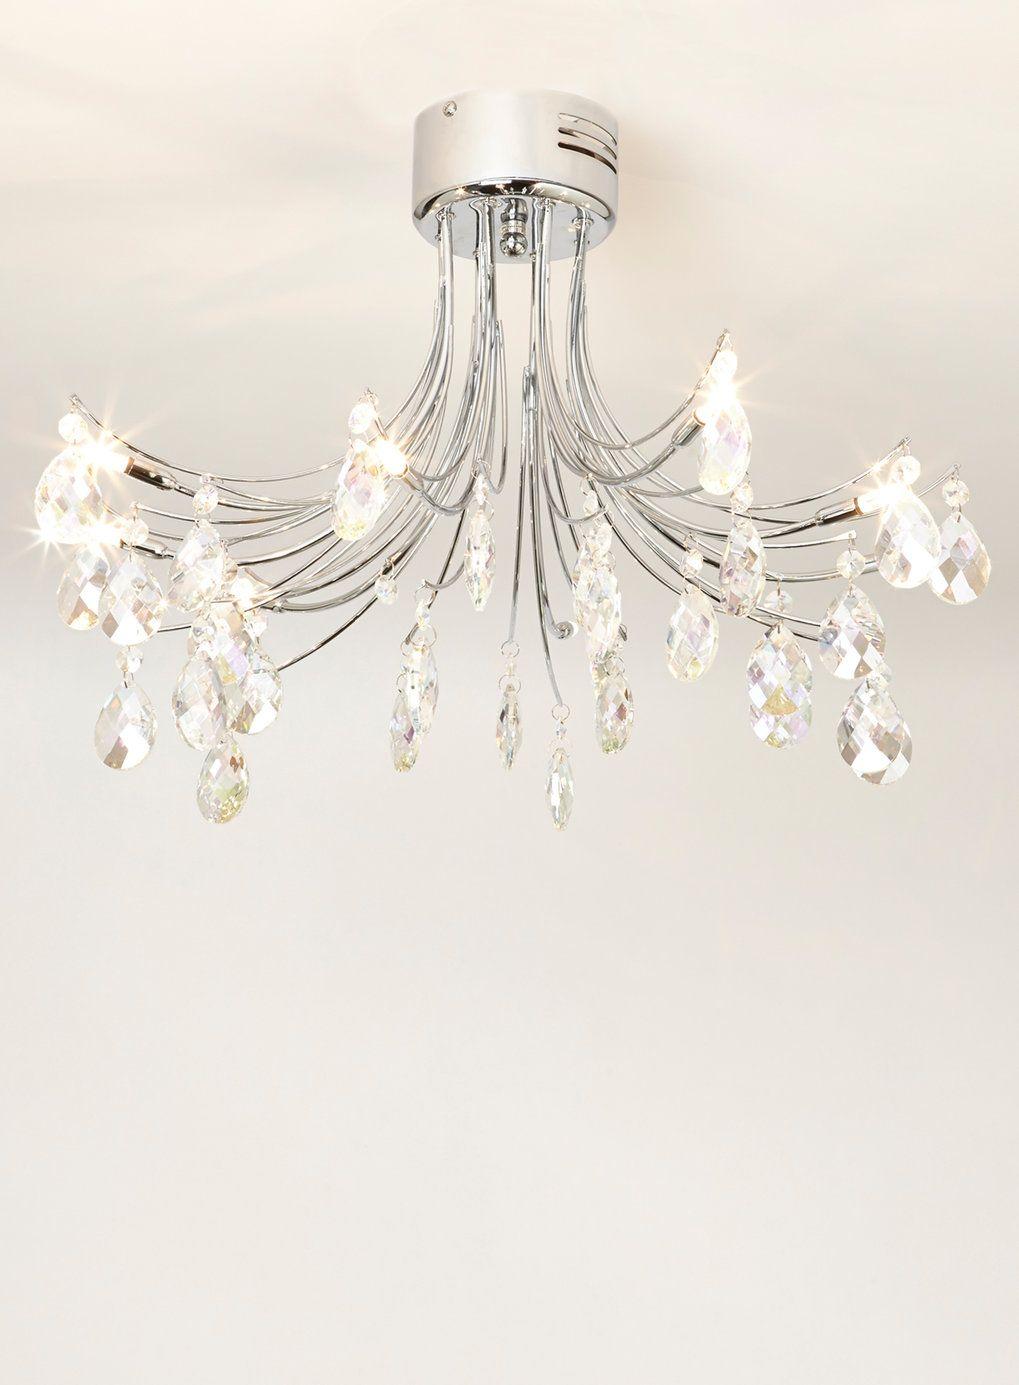 Bhs Ceiling Lights: Chrome Ina Flush Ceiling Light Fitting - BHS,Lighting